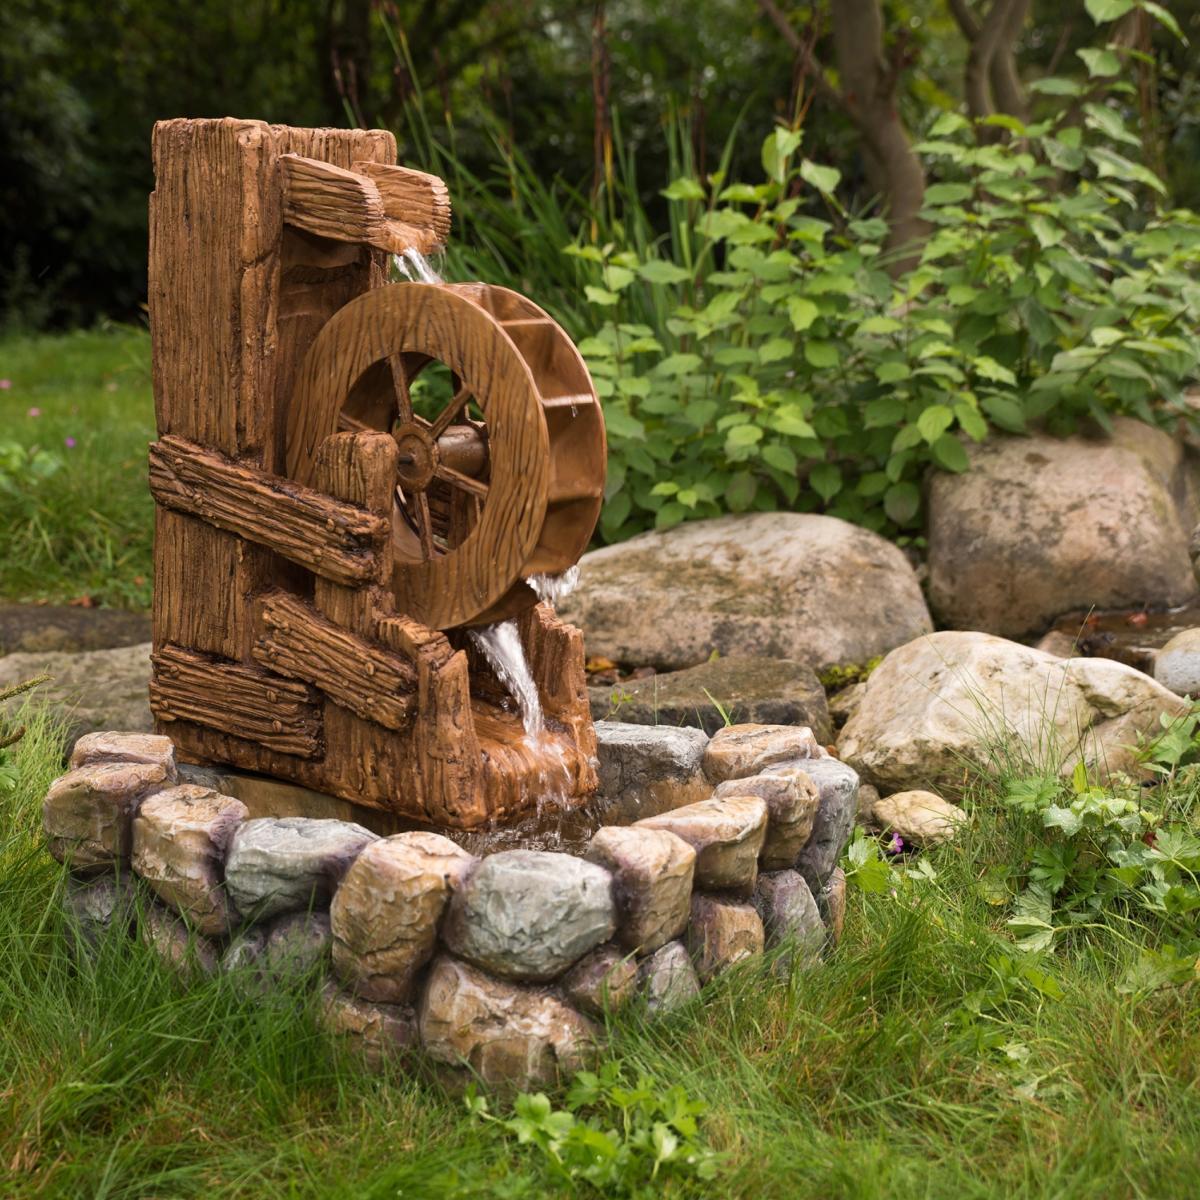 fontaine de jardin avec roue a aubes